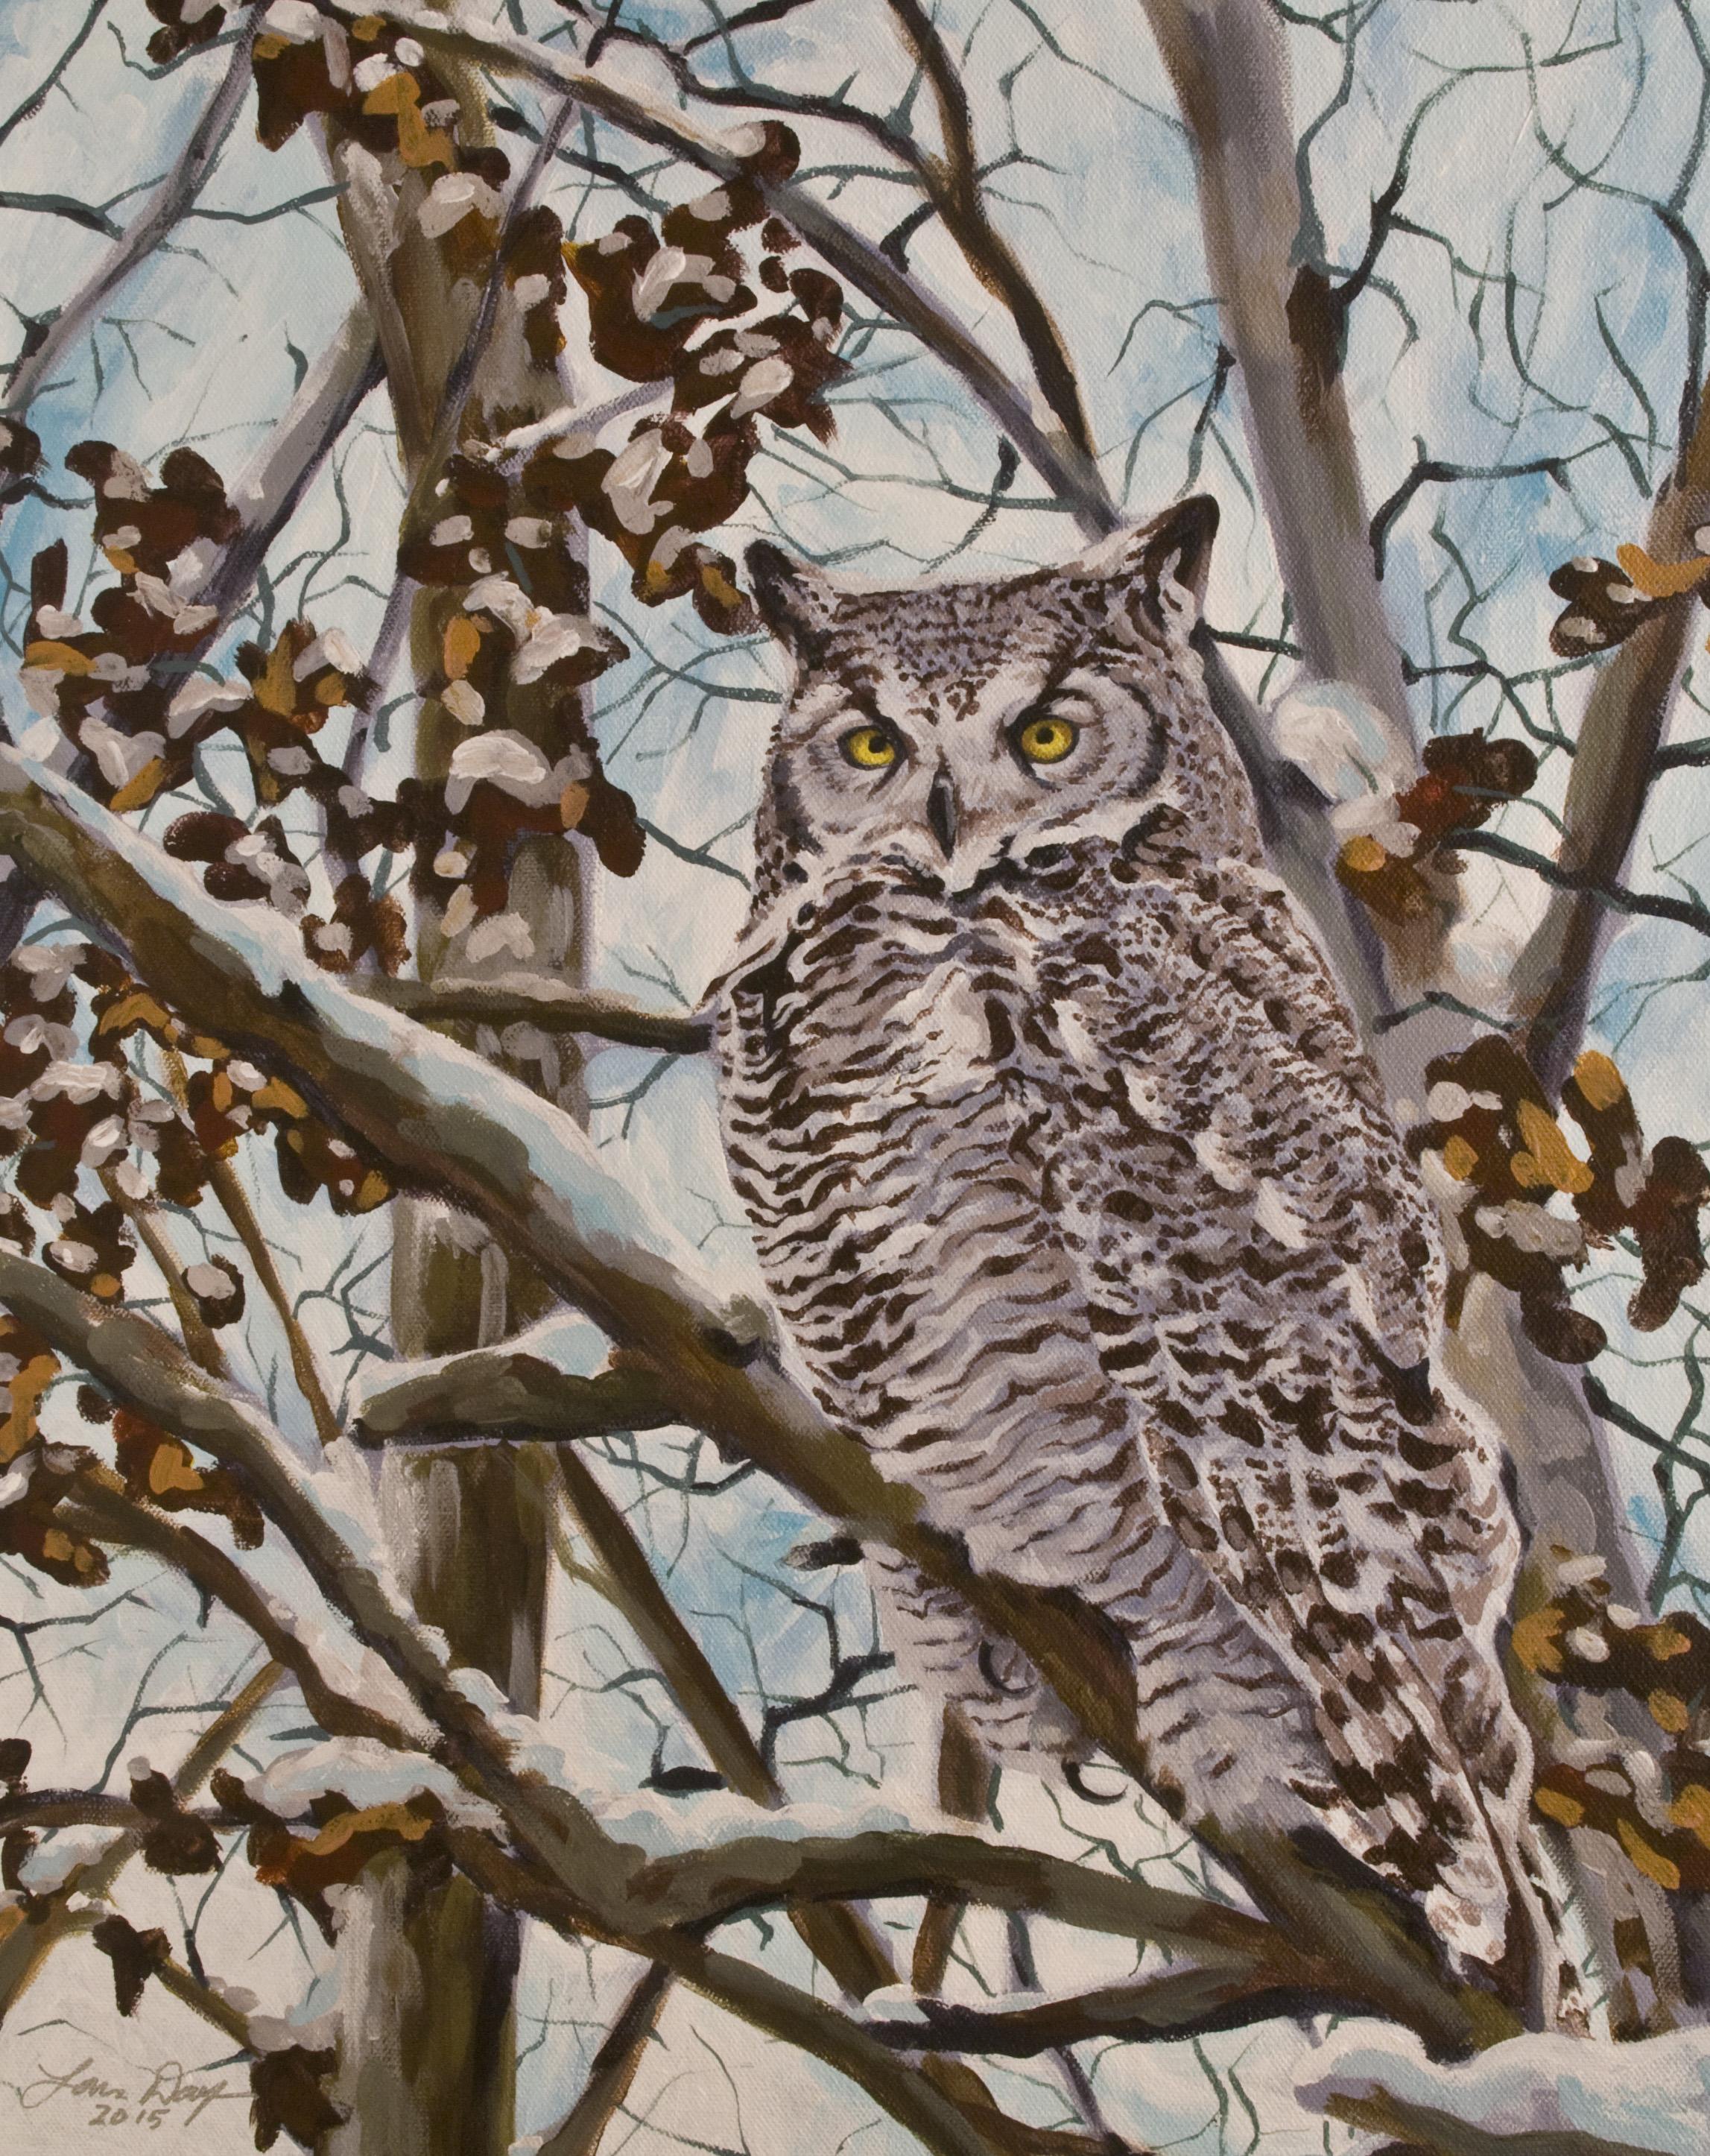 Sam's Great Horned Owl